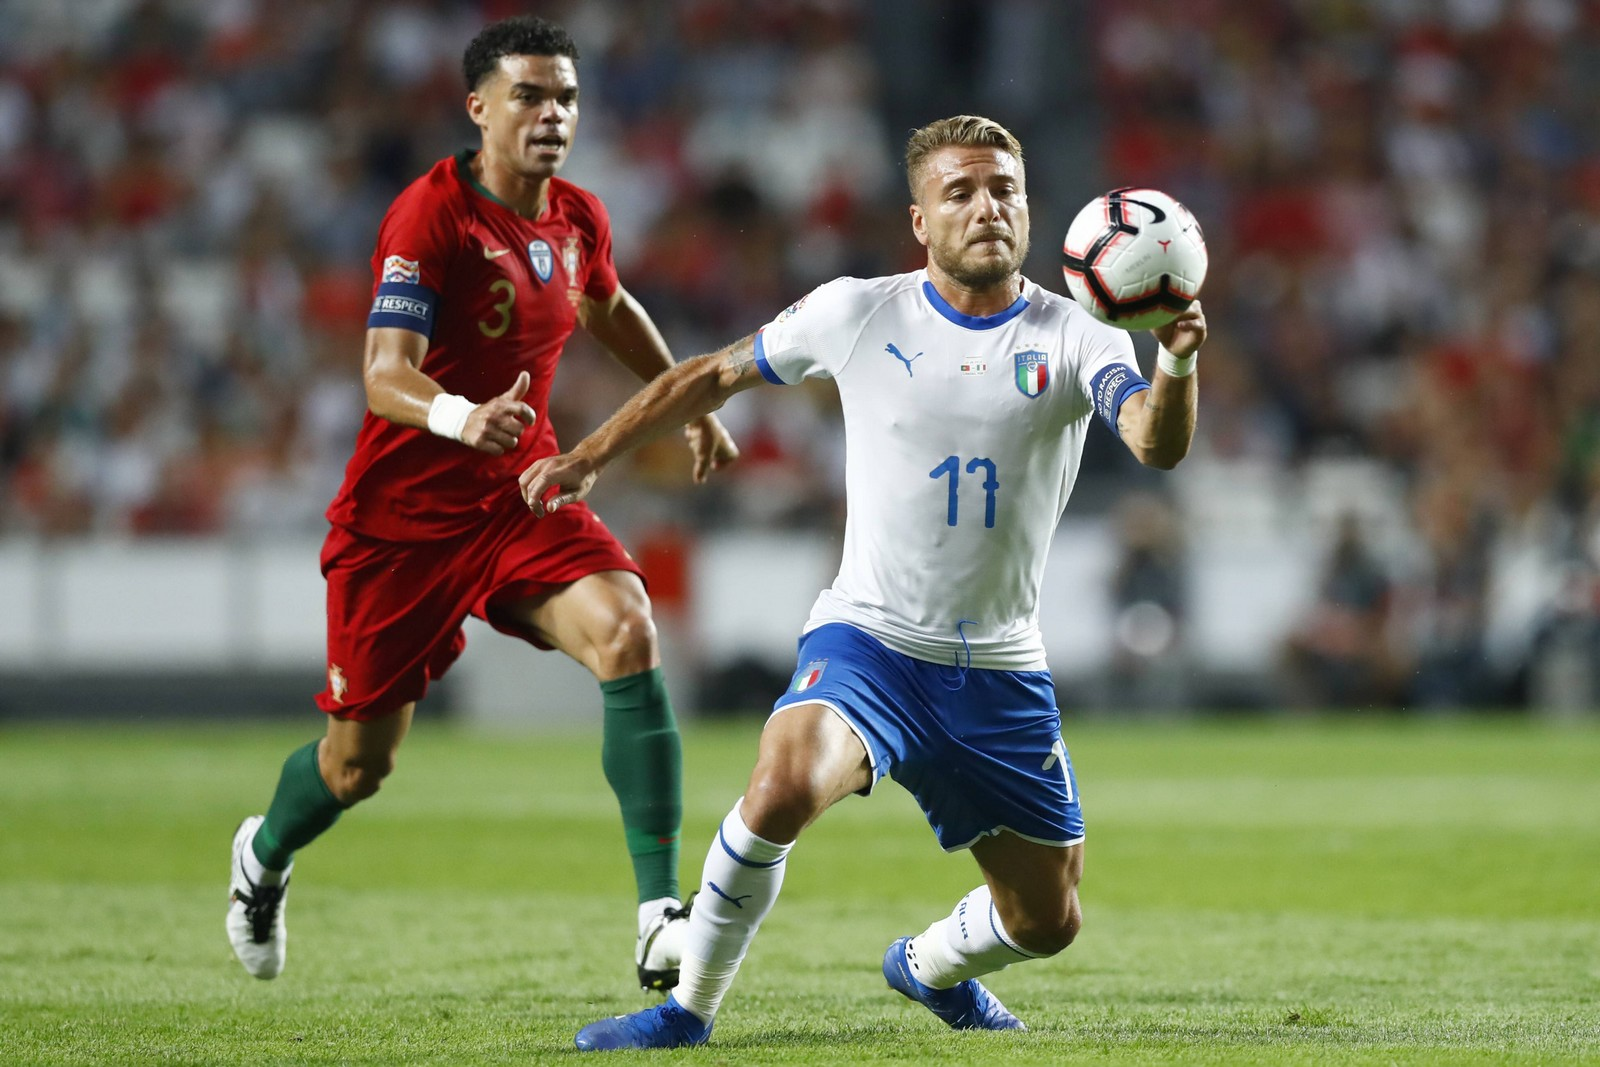 Kann Italien Portugal noch den Rang ablaufen? Jetzt auf Italien gegen Portugal wetten!